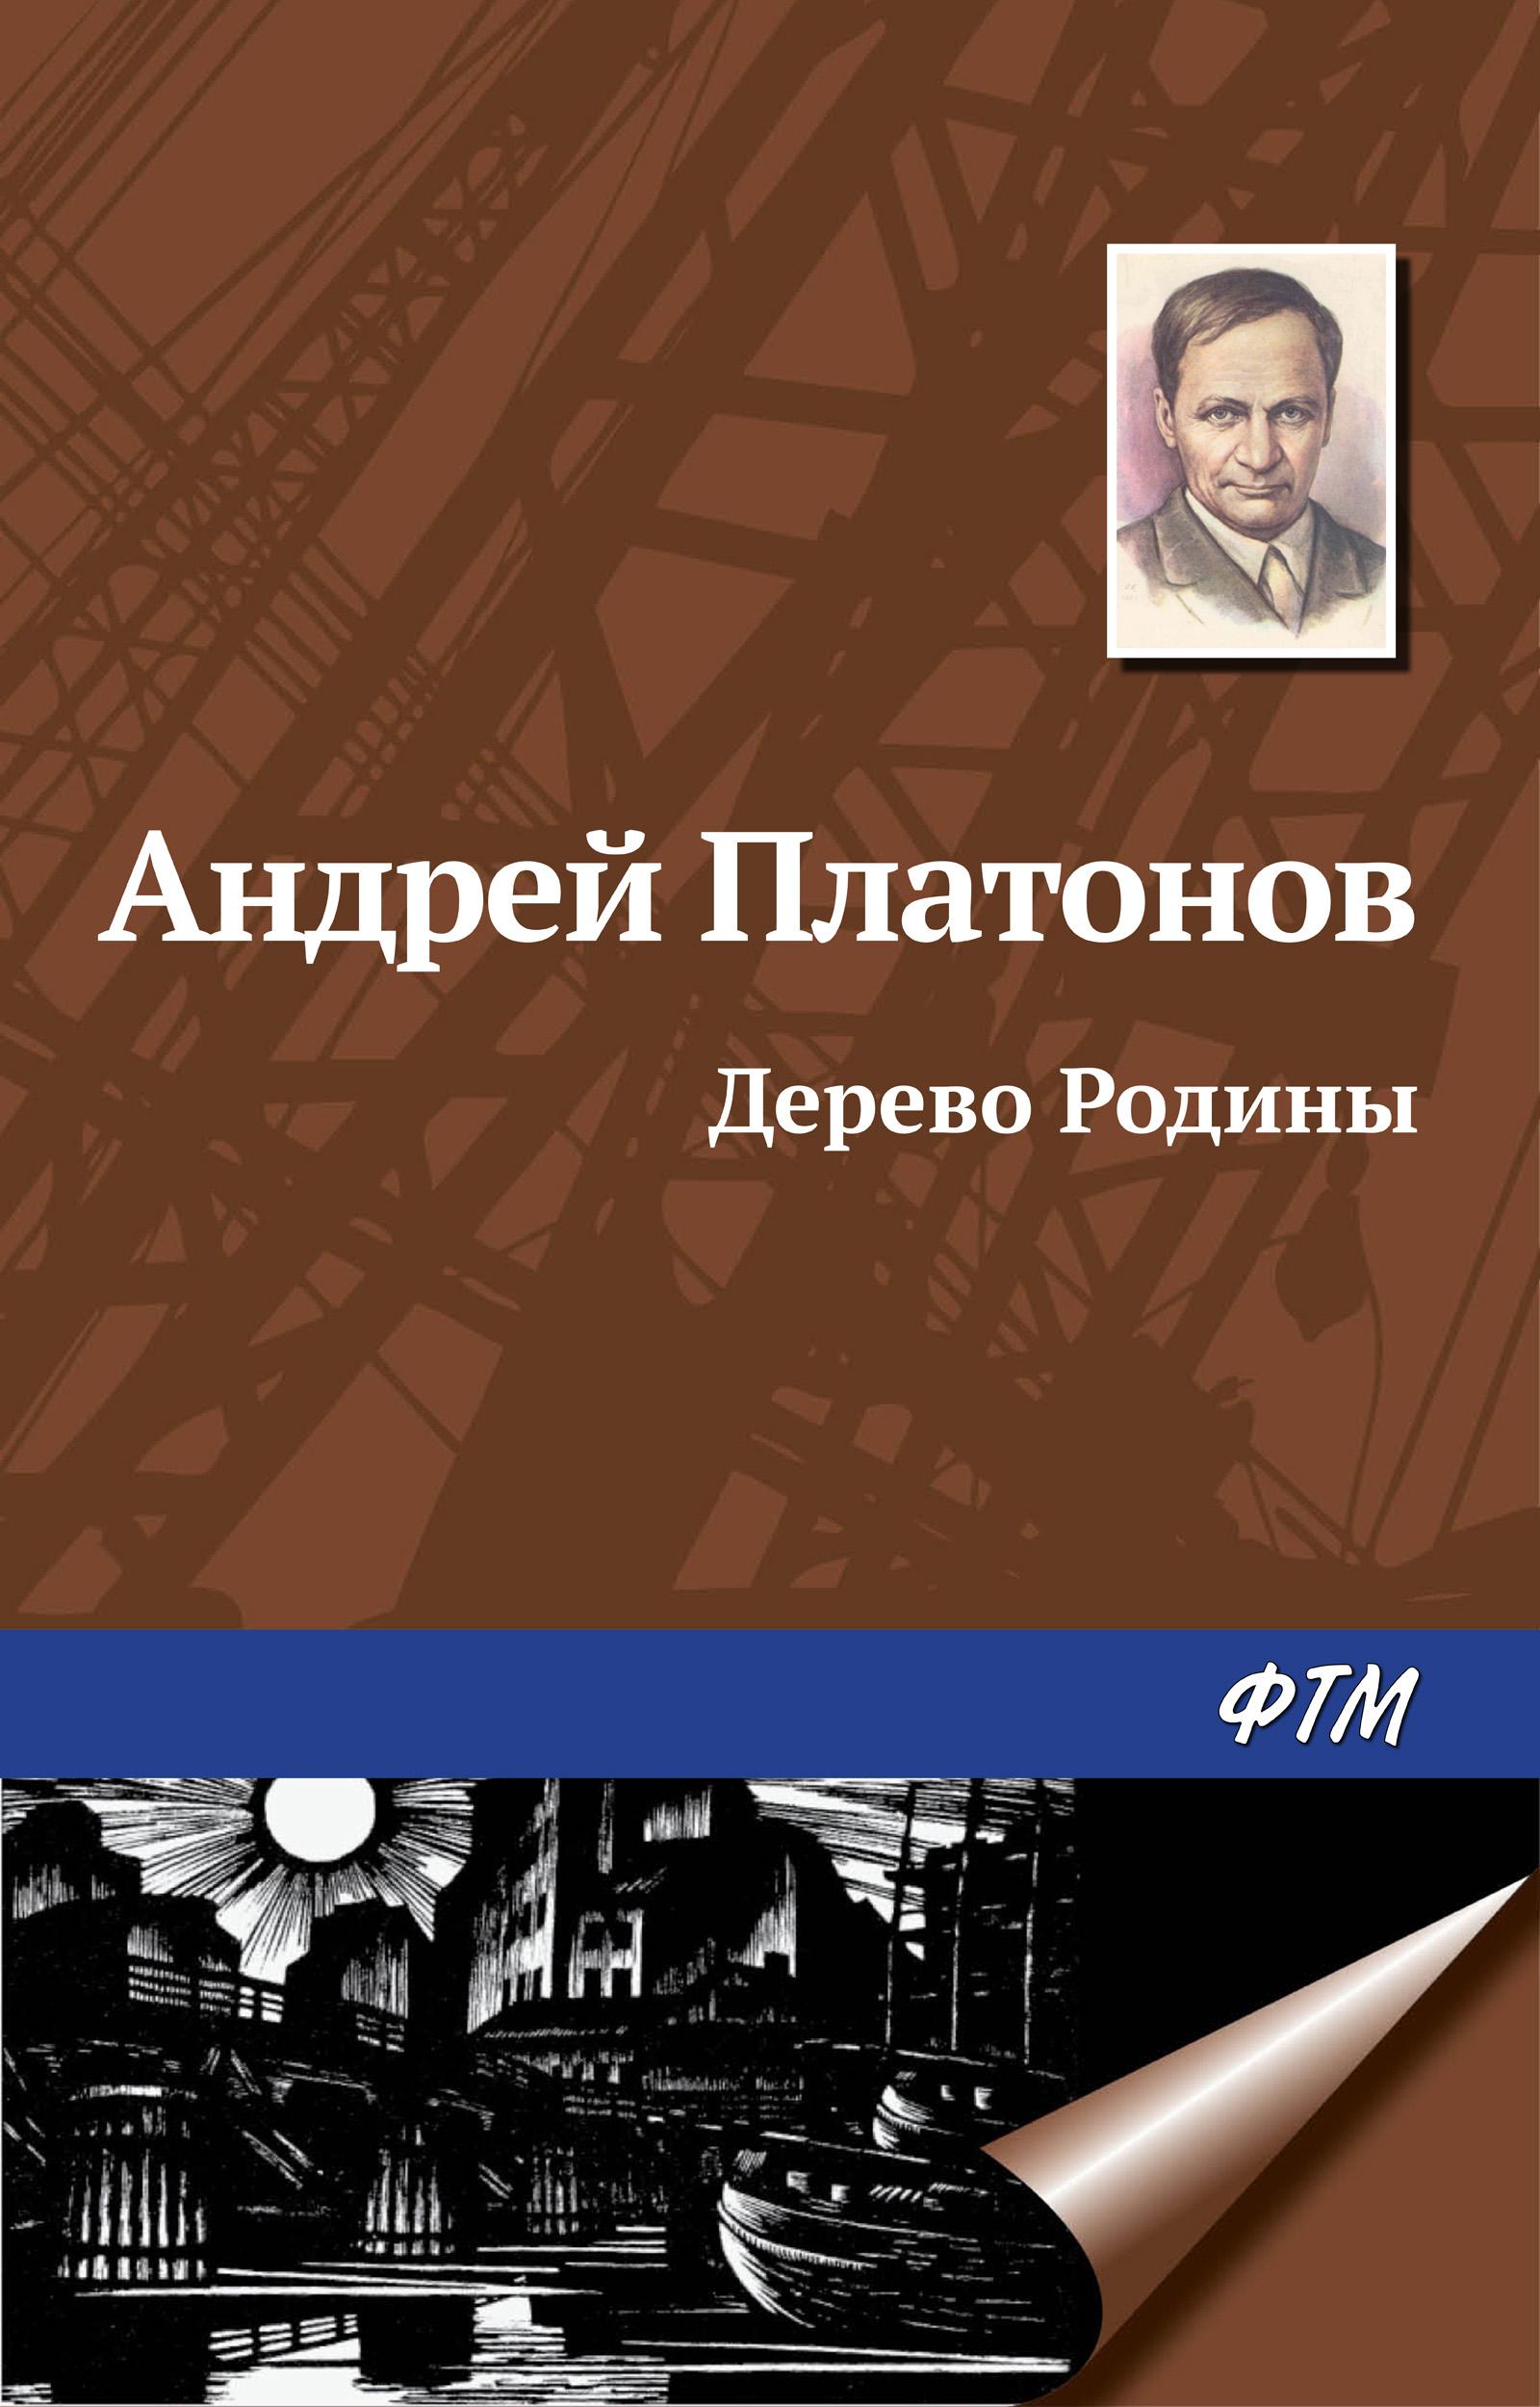 Андрей Платонов Дерево Родины